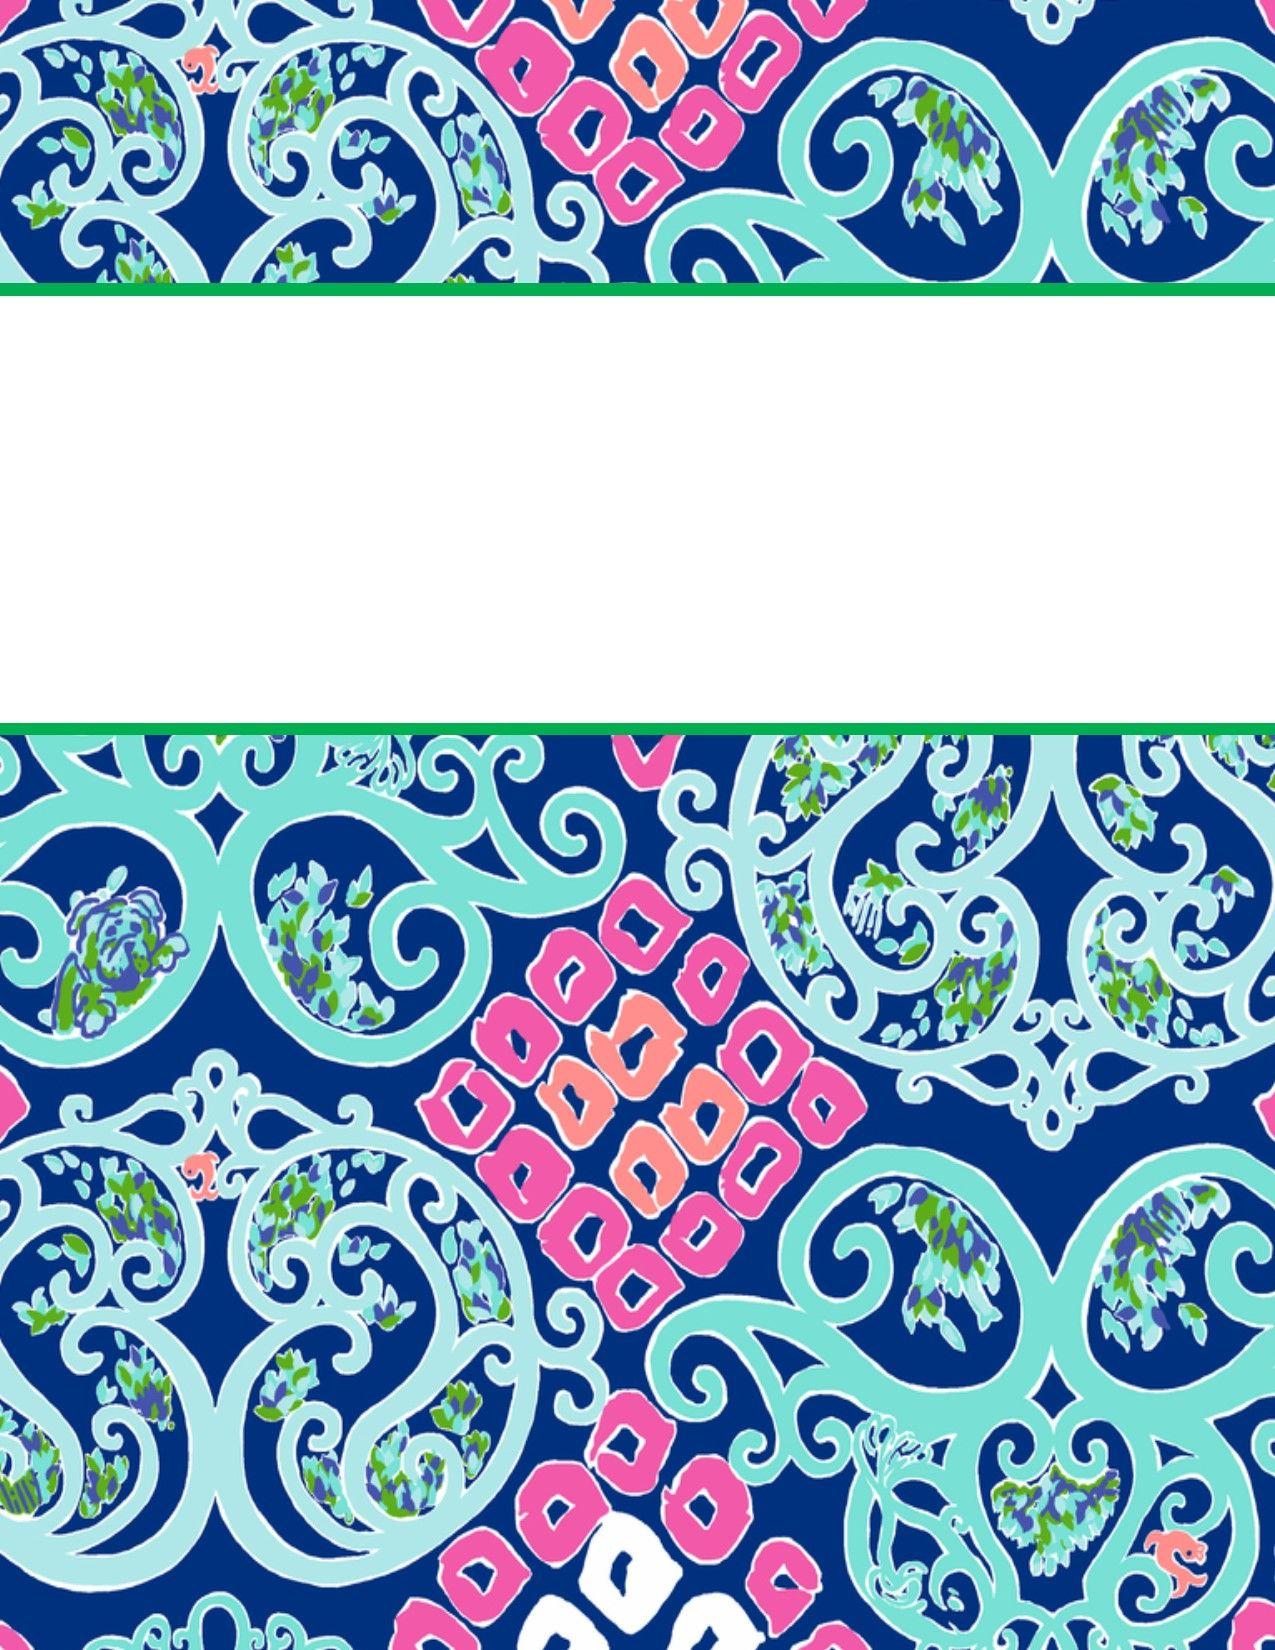 Book Cover Portadas Kawaii : Lilly pulitzer binder cover templates pixshark